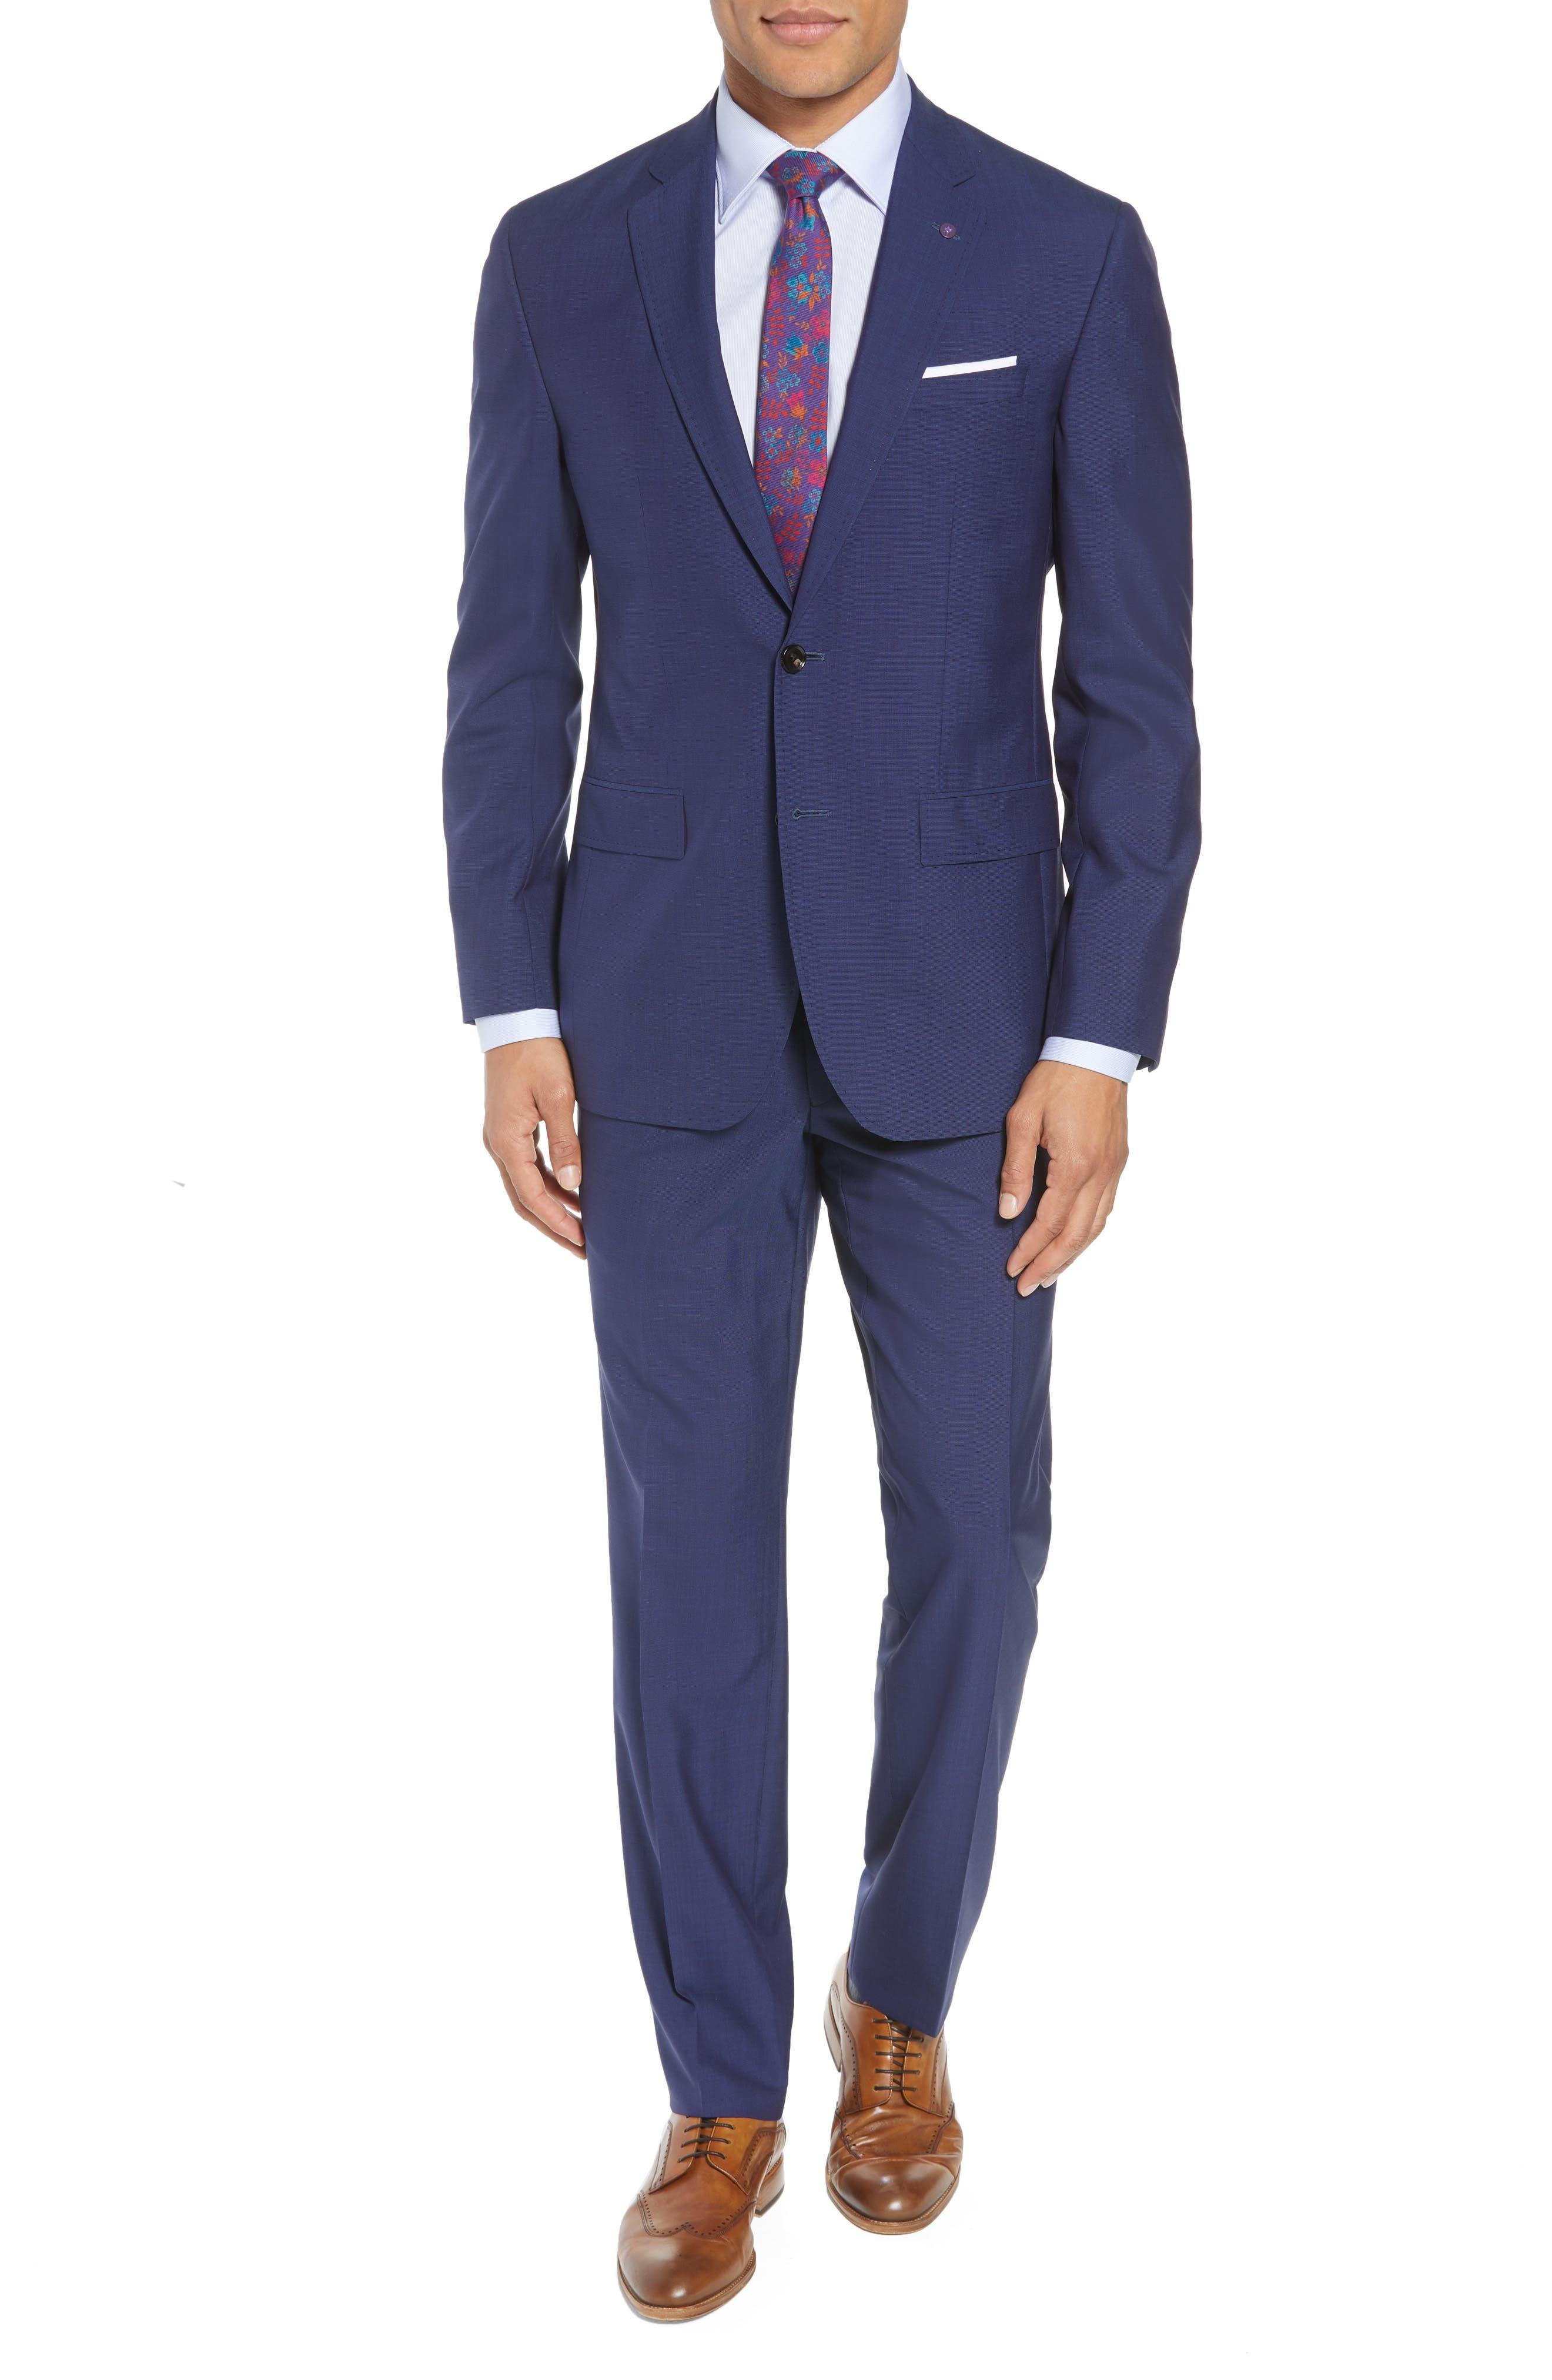 TED BAKER LONDON, Jay Trim Fit Suit, Main thumbnail 1, color, BLUE